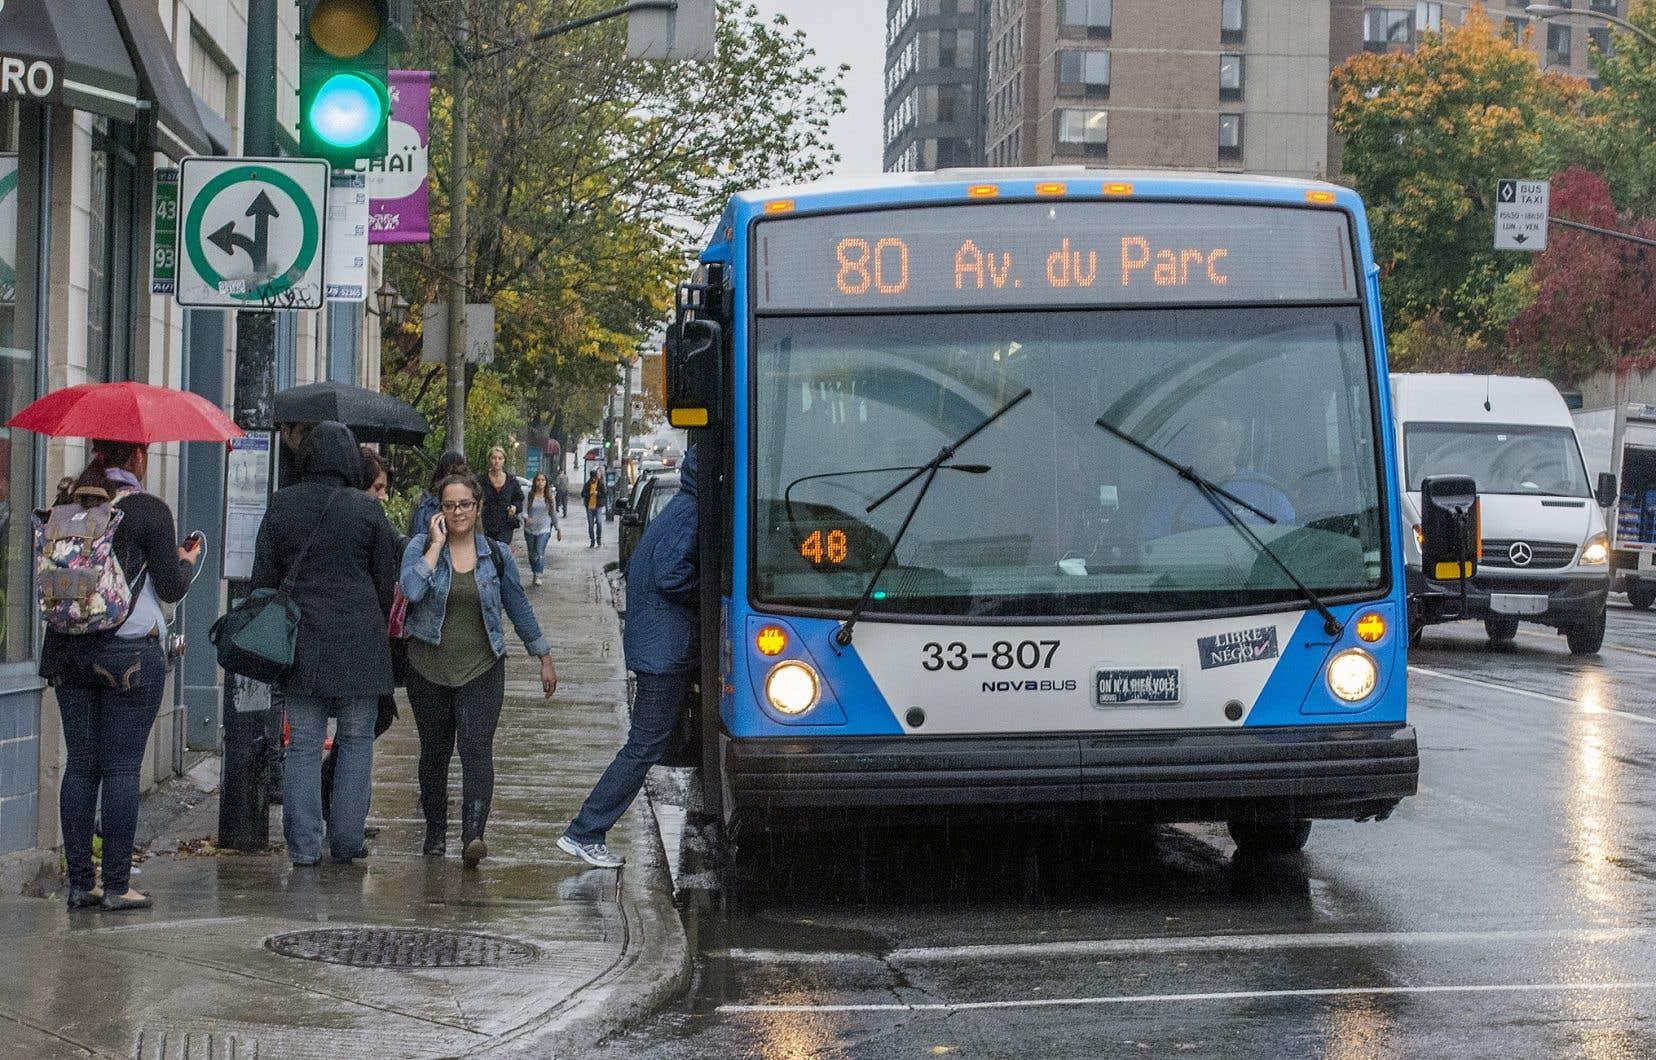 Les coûts reliés au transport en commun privent les élèves d'expériences enrichissantes, selon les professeurs qui ont lancé la pétition.